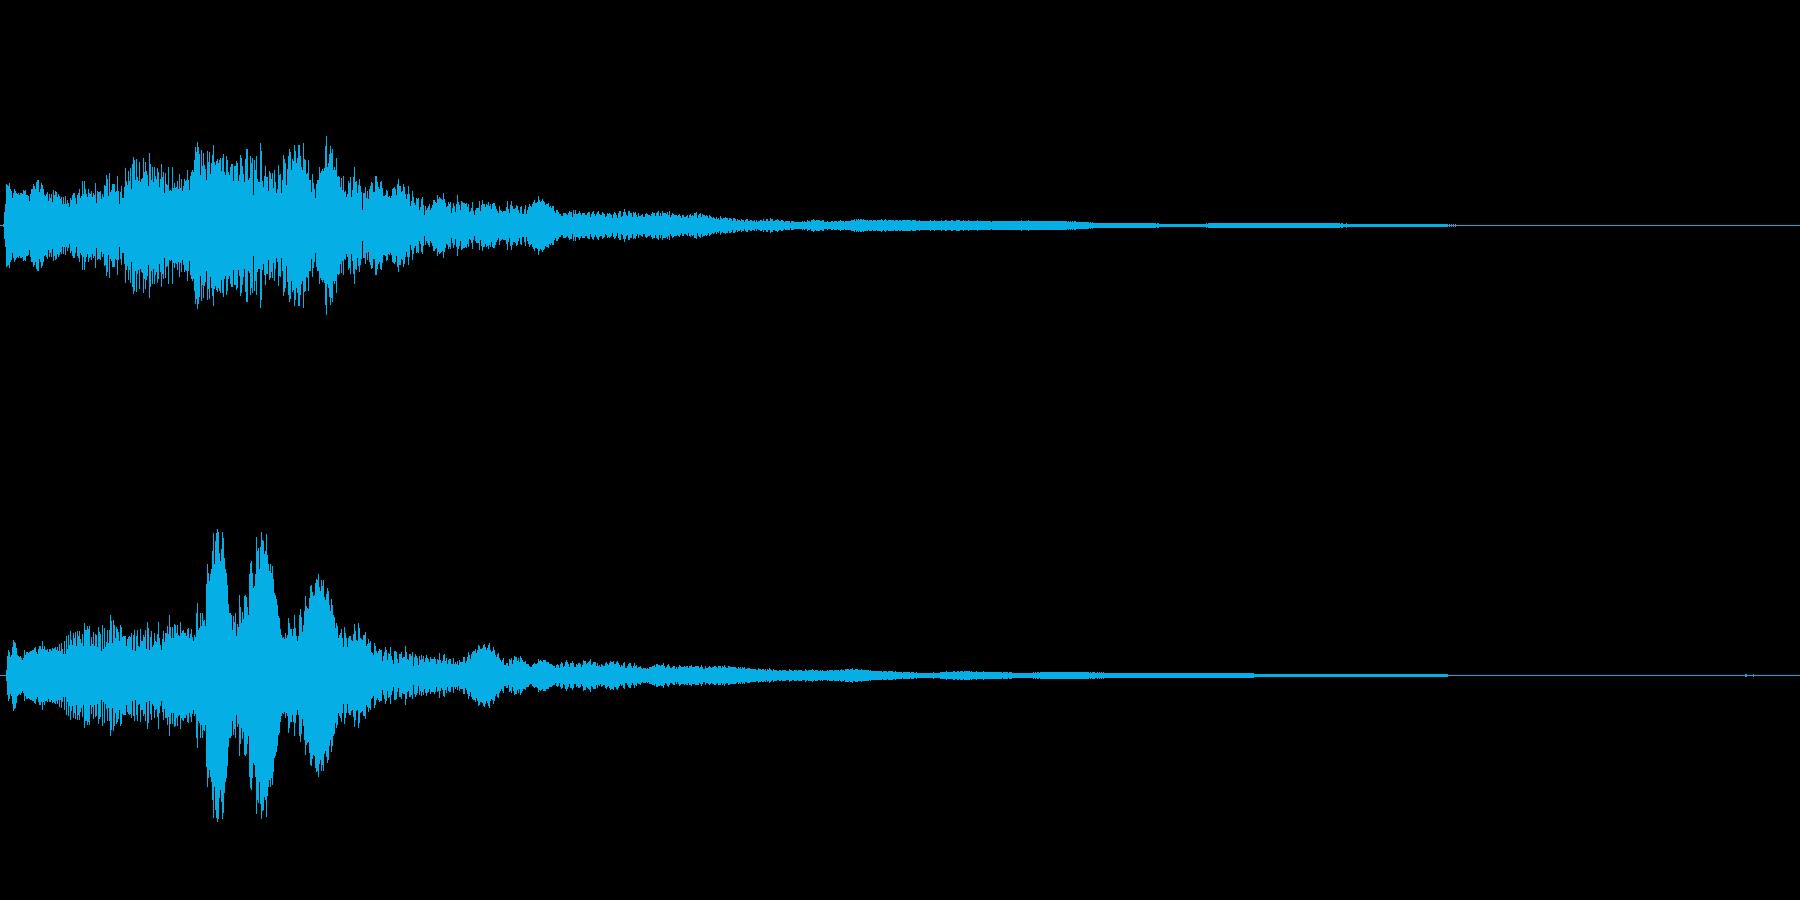 爽やかなギターサウンドロゴの再生済みの波形